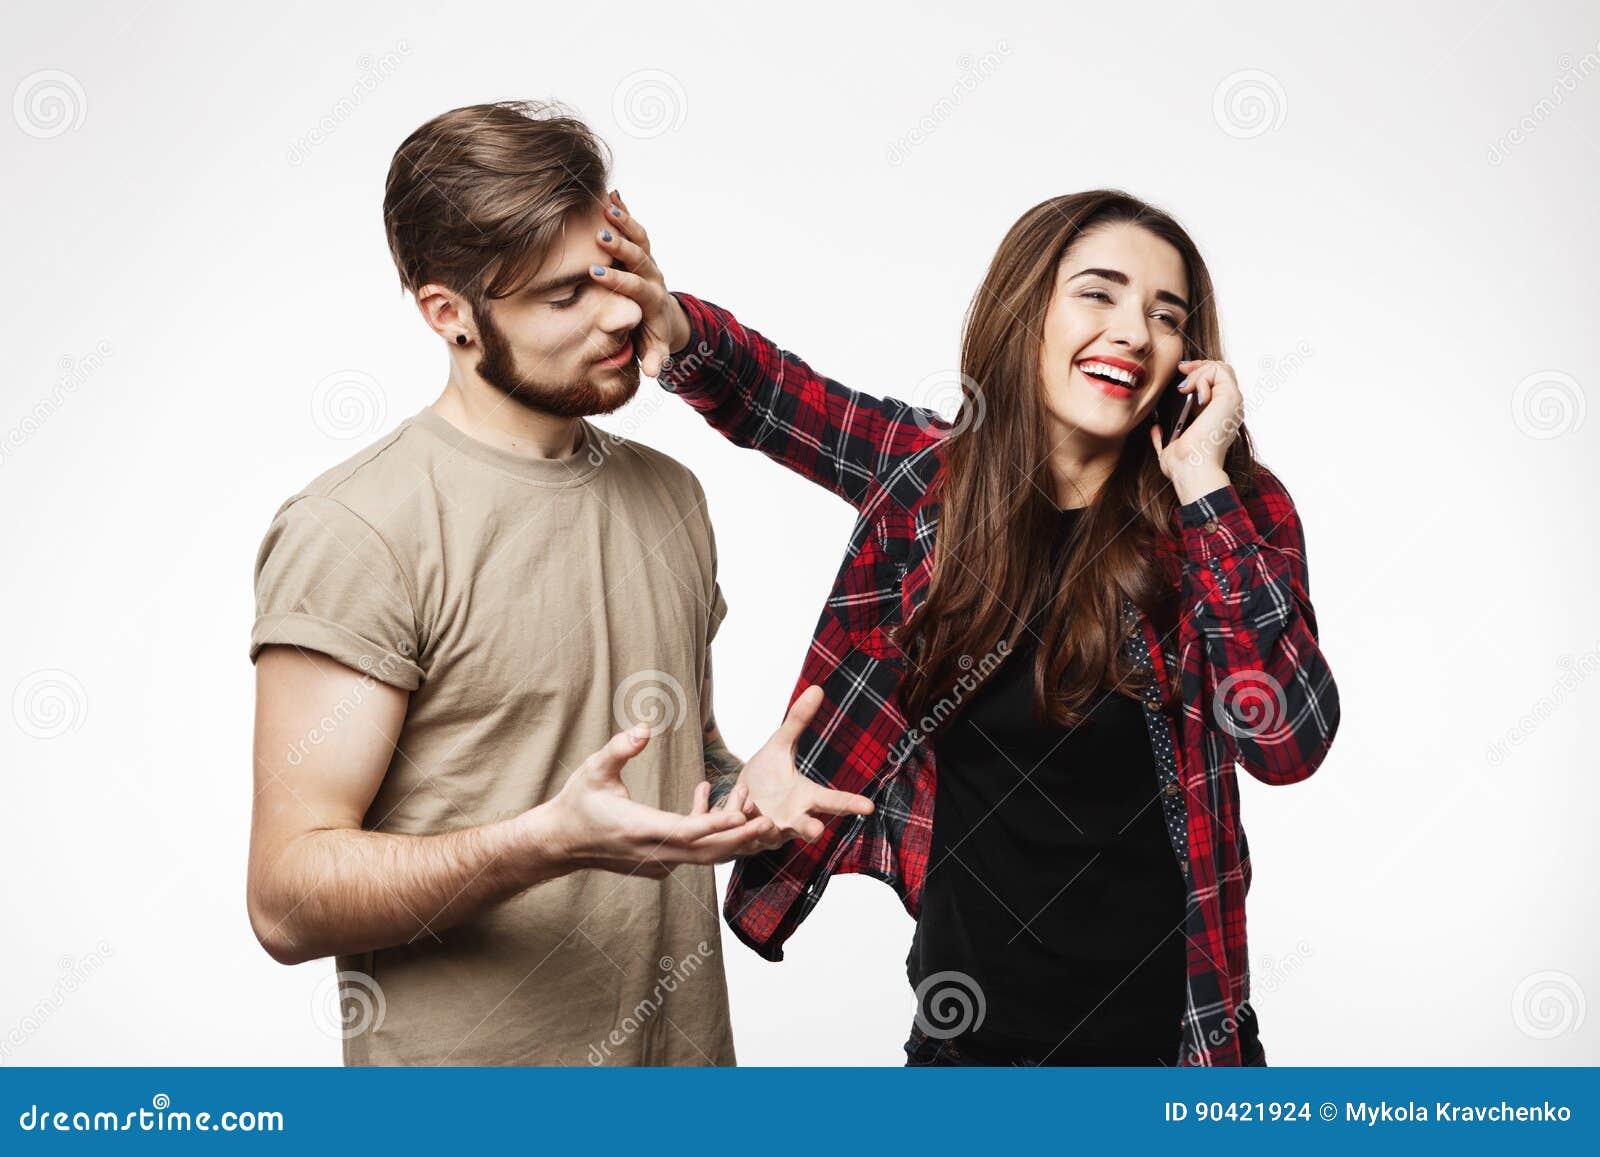 huntsville al dating scene